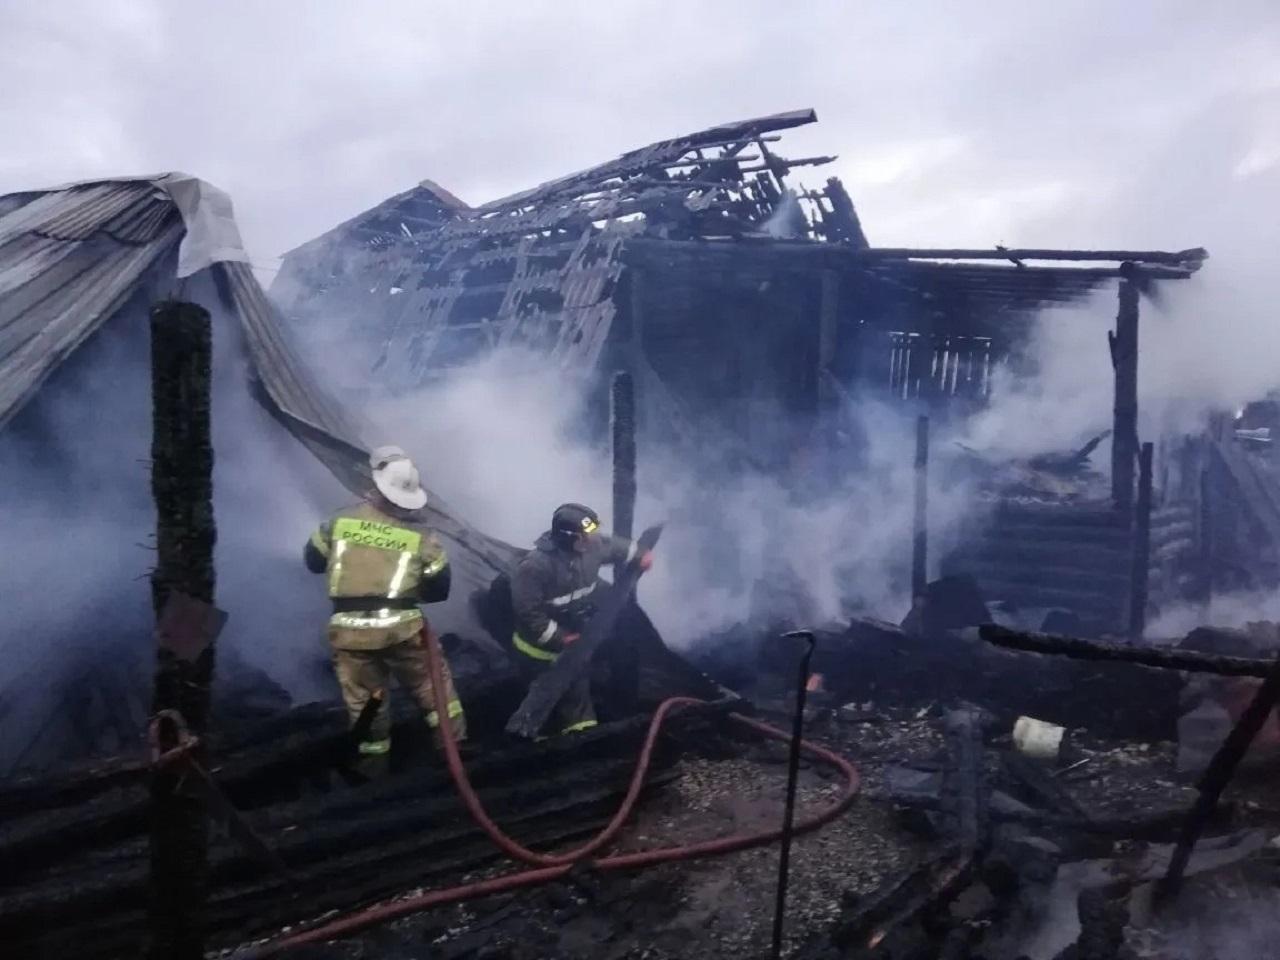 Сгорели 2 дома: 3 человека погибли при пожаре в Челябинской области